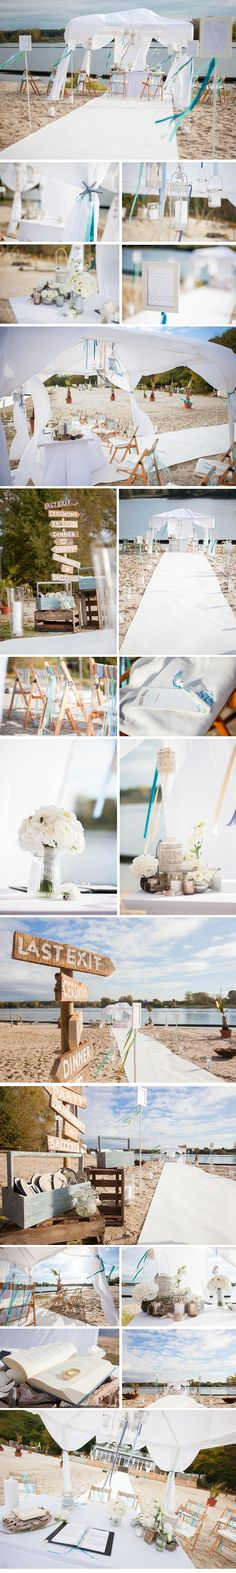 Rhein-weiss-Wedding-Brunch: Vintage Beach Zeremonie am Fühlinger See